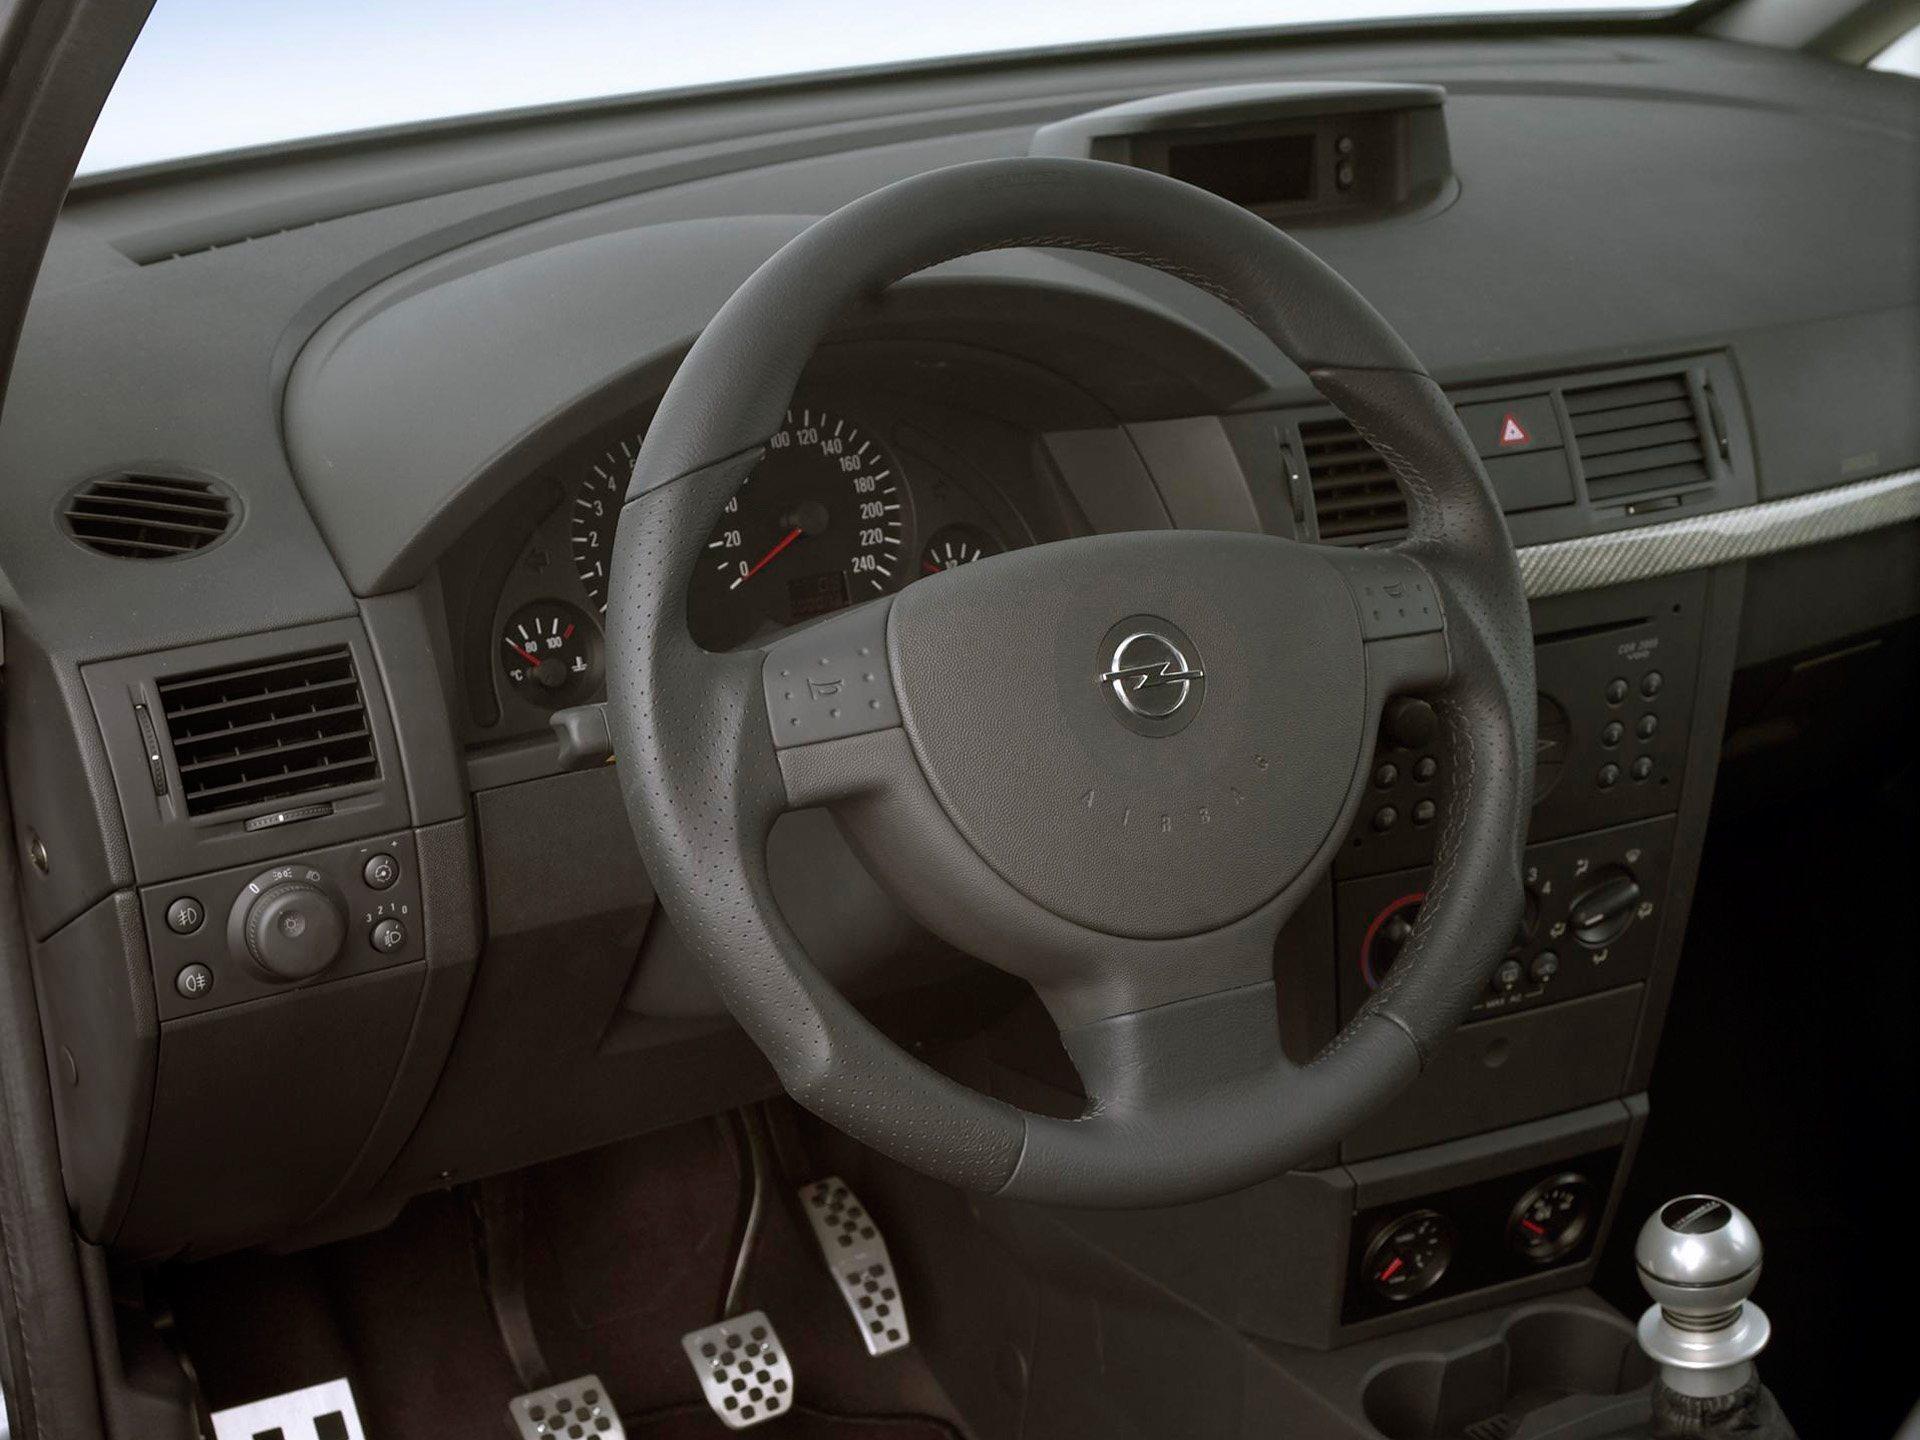 Opel Meriva 2003 3